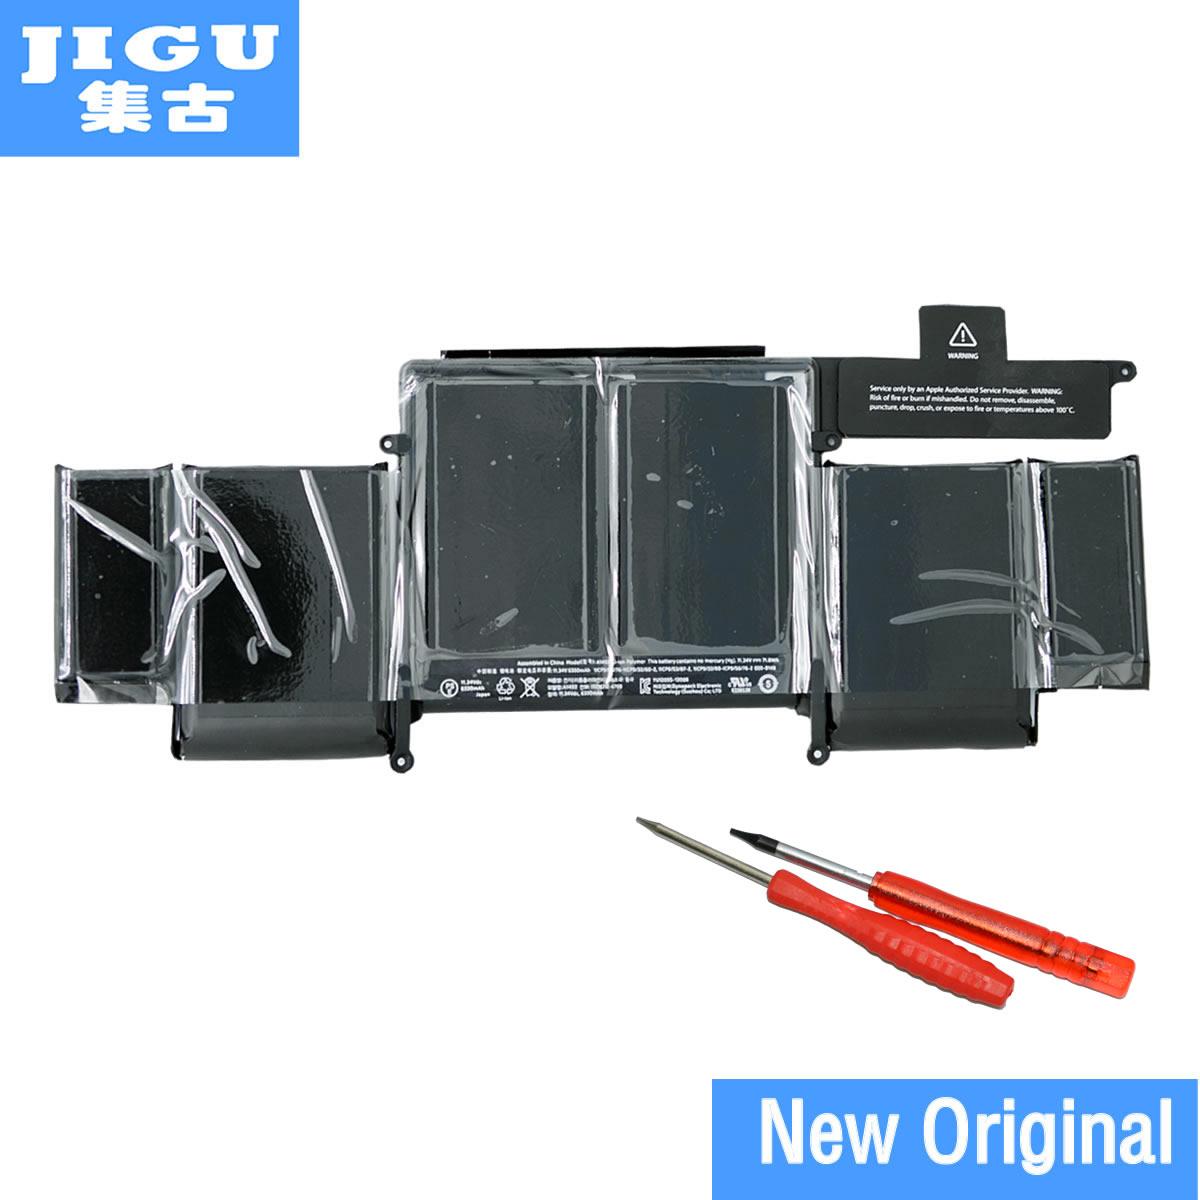 JIGU A1493 Batterie D'ordinateur Portable D'origine Pour APPLE Macbook Pro Retina 13 A1502 2013 ME864 ME865 11.34 v 71.8WH